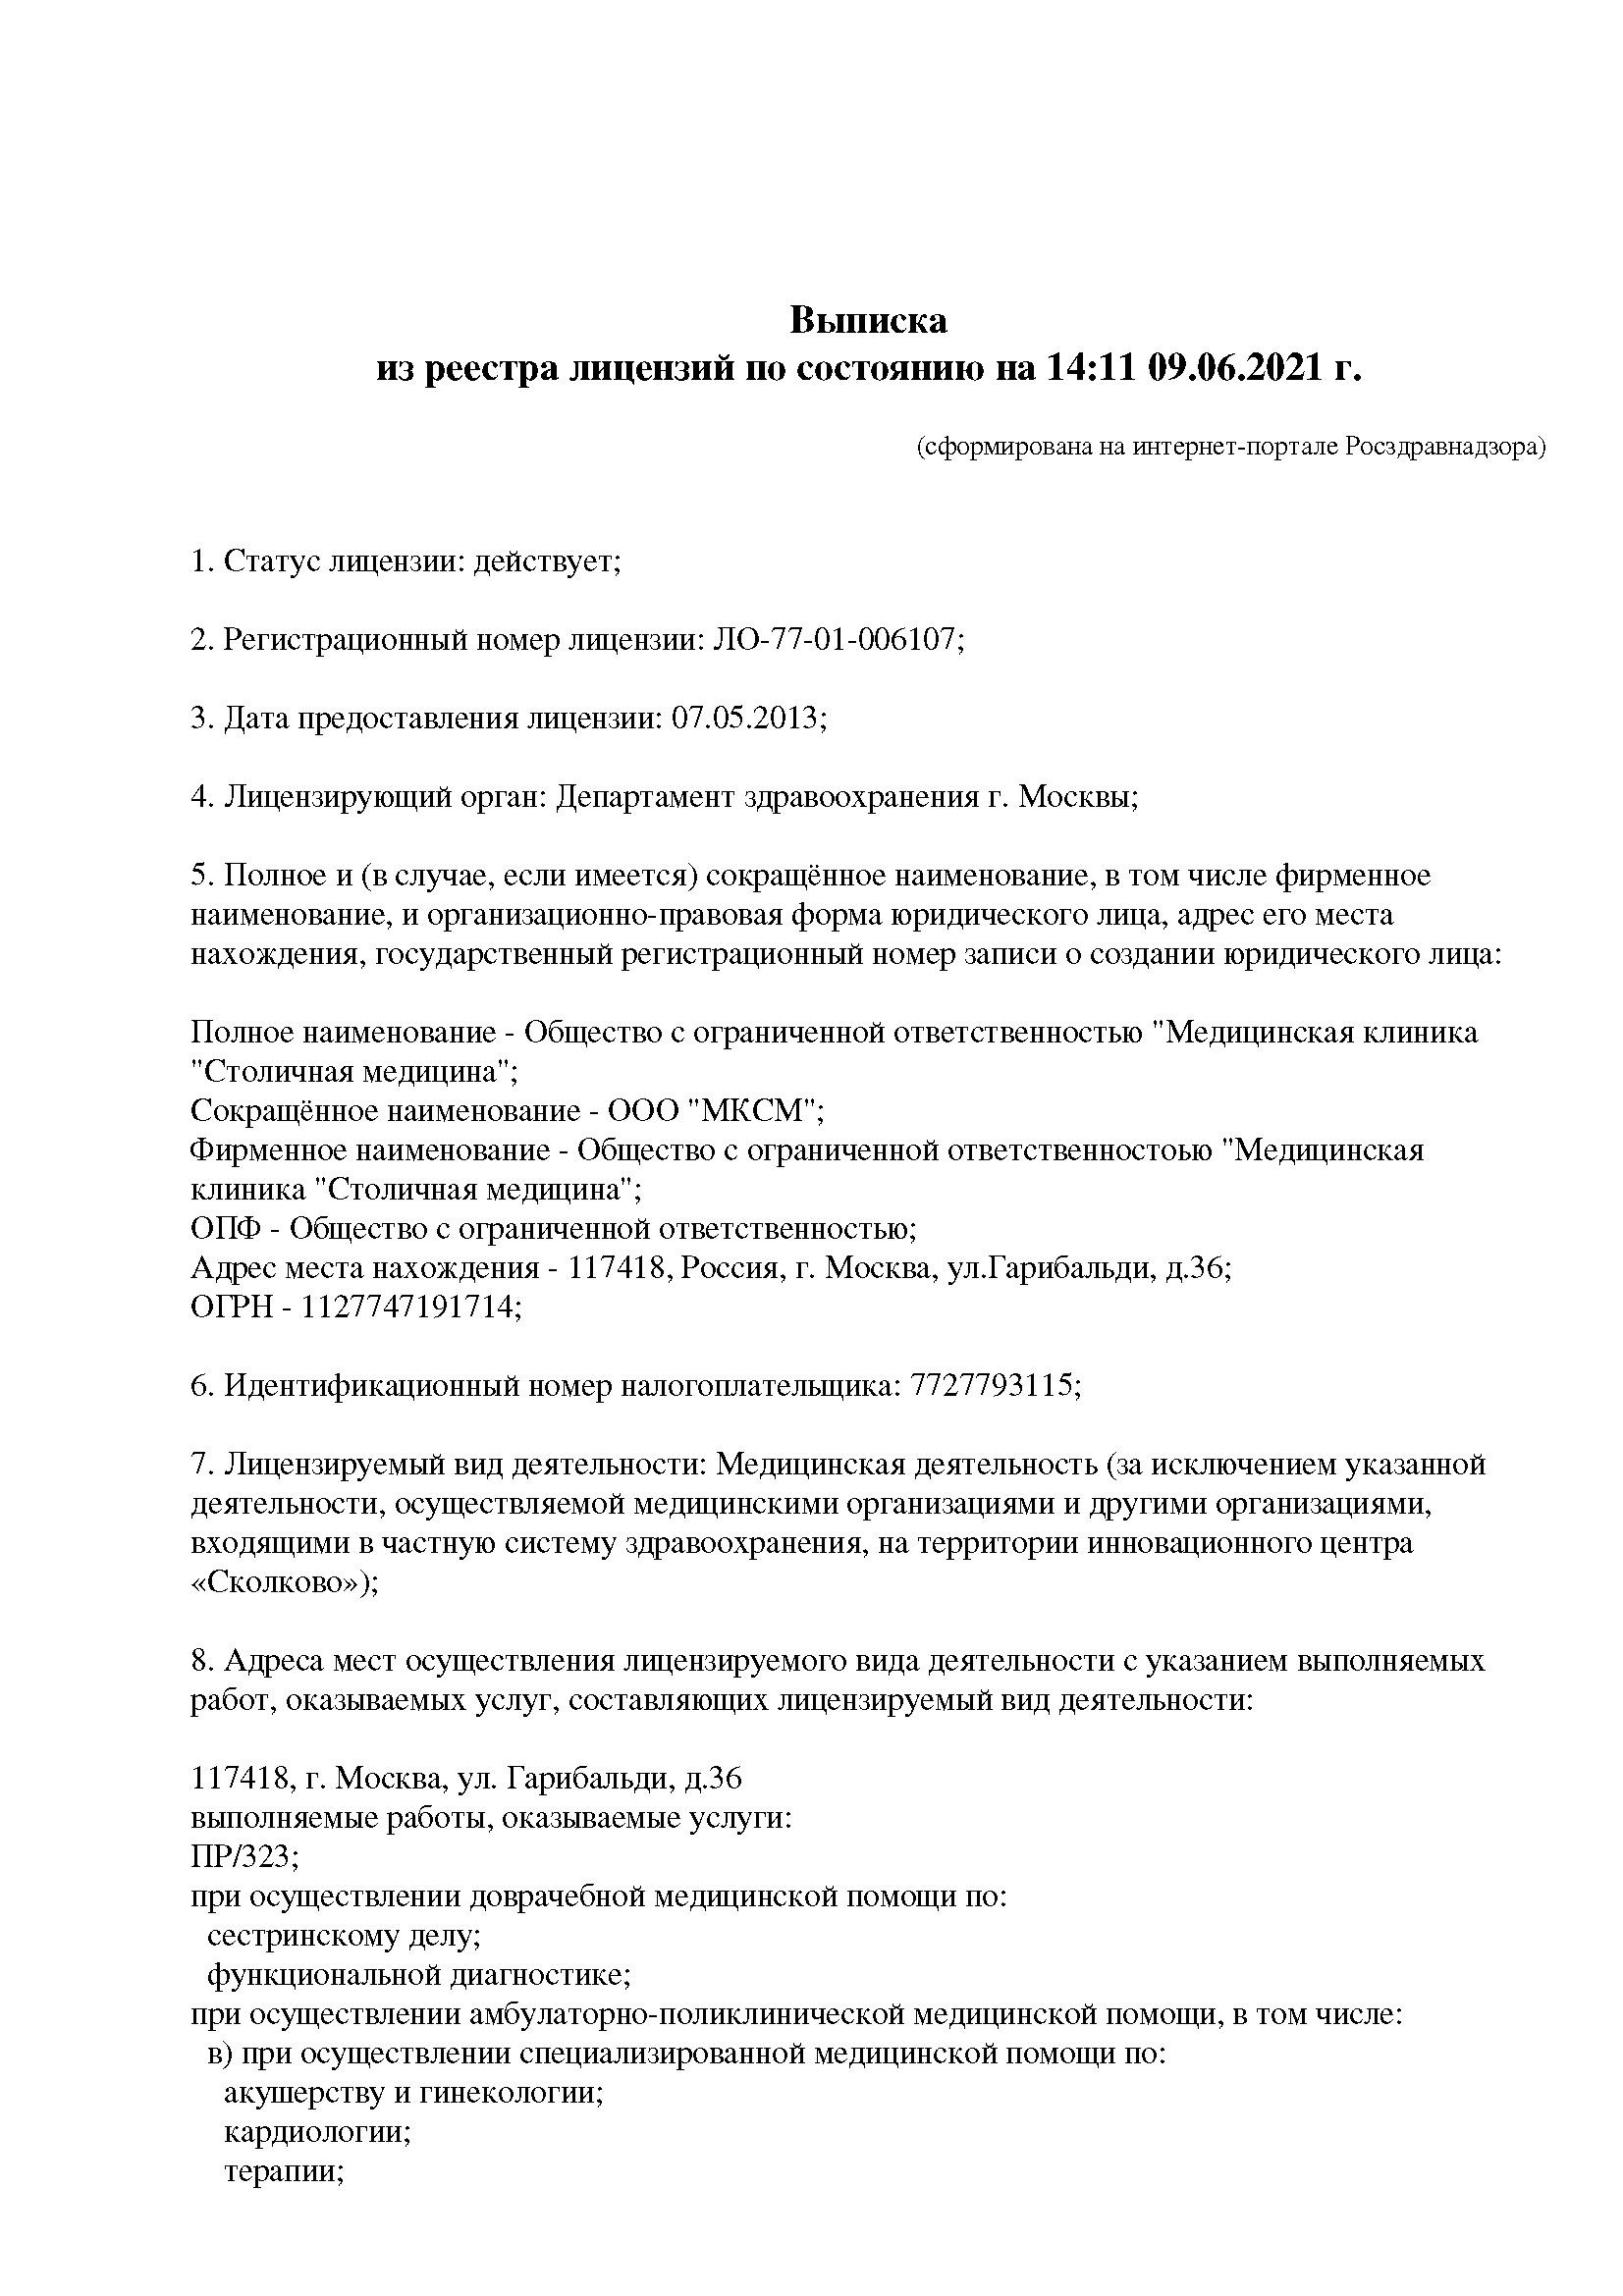 Выписка из реестра ООО «Медицинская клиника «Столичная медицина» - страница 1